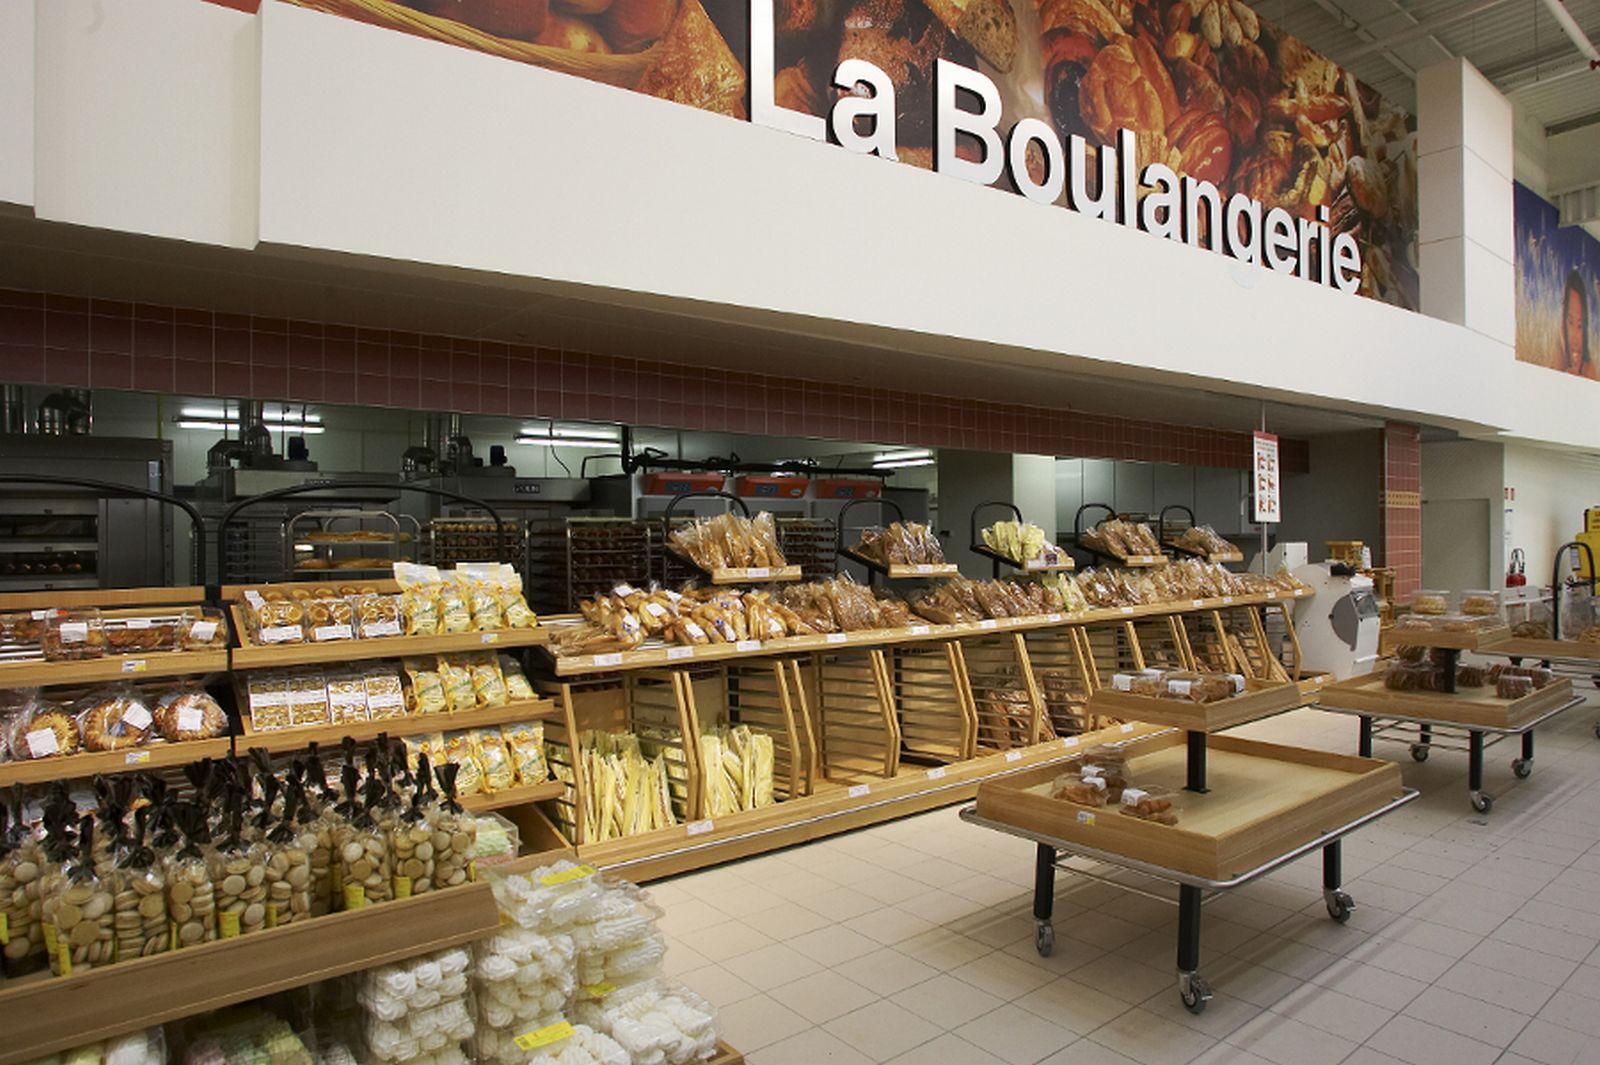 Boulangerie - Vue d'ensemble